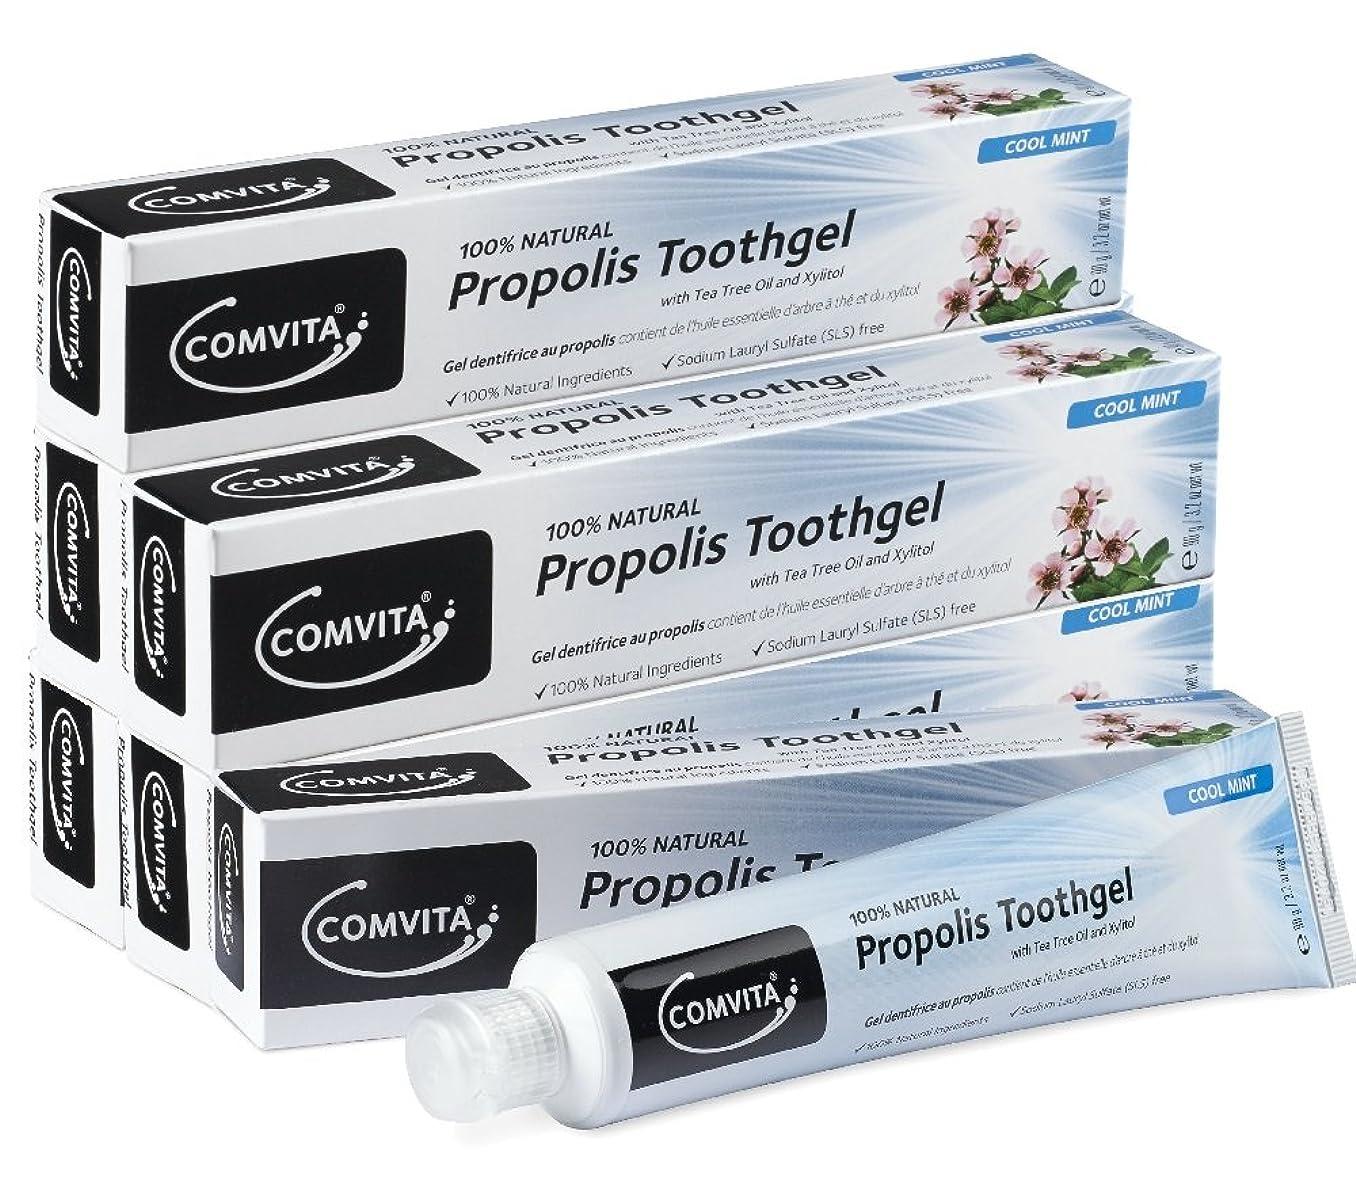 アレイ嘆くパンツプロポリス歯磨き コンビタ アピセラ歯磨き ジェルタイプ (90g × 6本セット) お得なセット ティーツリーオイル配合